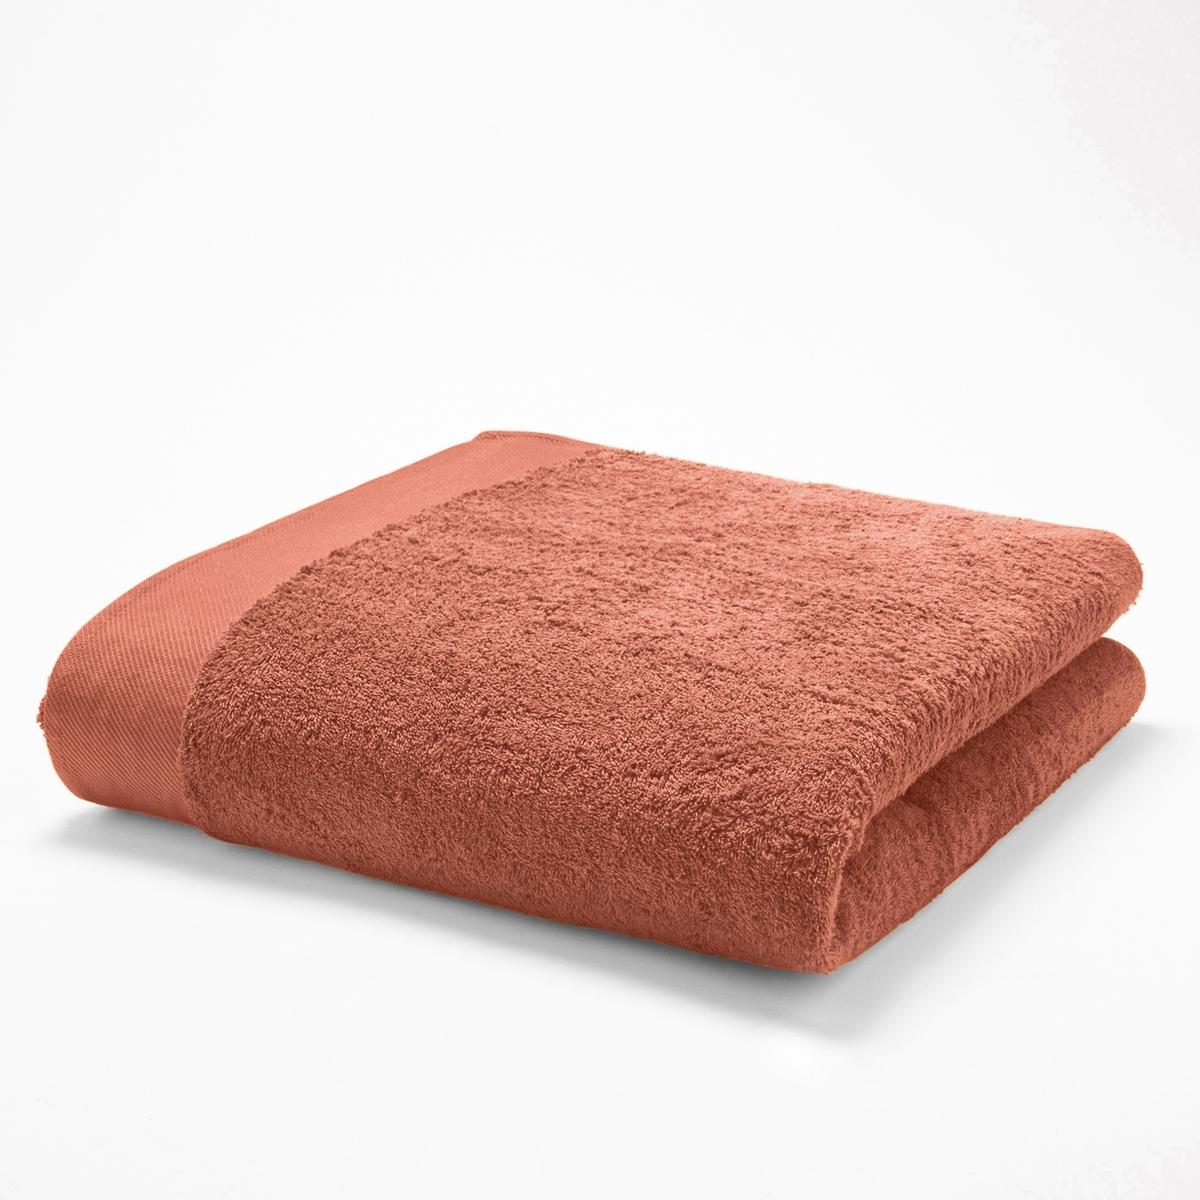 Полотенце банноеМягкая махровая ткань, 100% хлопка, 500 г/м2. Кайма диагональ. Стирка при 60°. 70 х 140 см.<br><br>Цвет: белый,голубой бирюзовый,желтый шафран,красный карминный,пепельно-серый,светло-розовый,синий морской волны,смородиновый,темно-серый,черный<br>Размер: 70 x 140  см